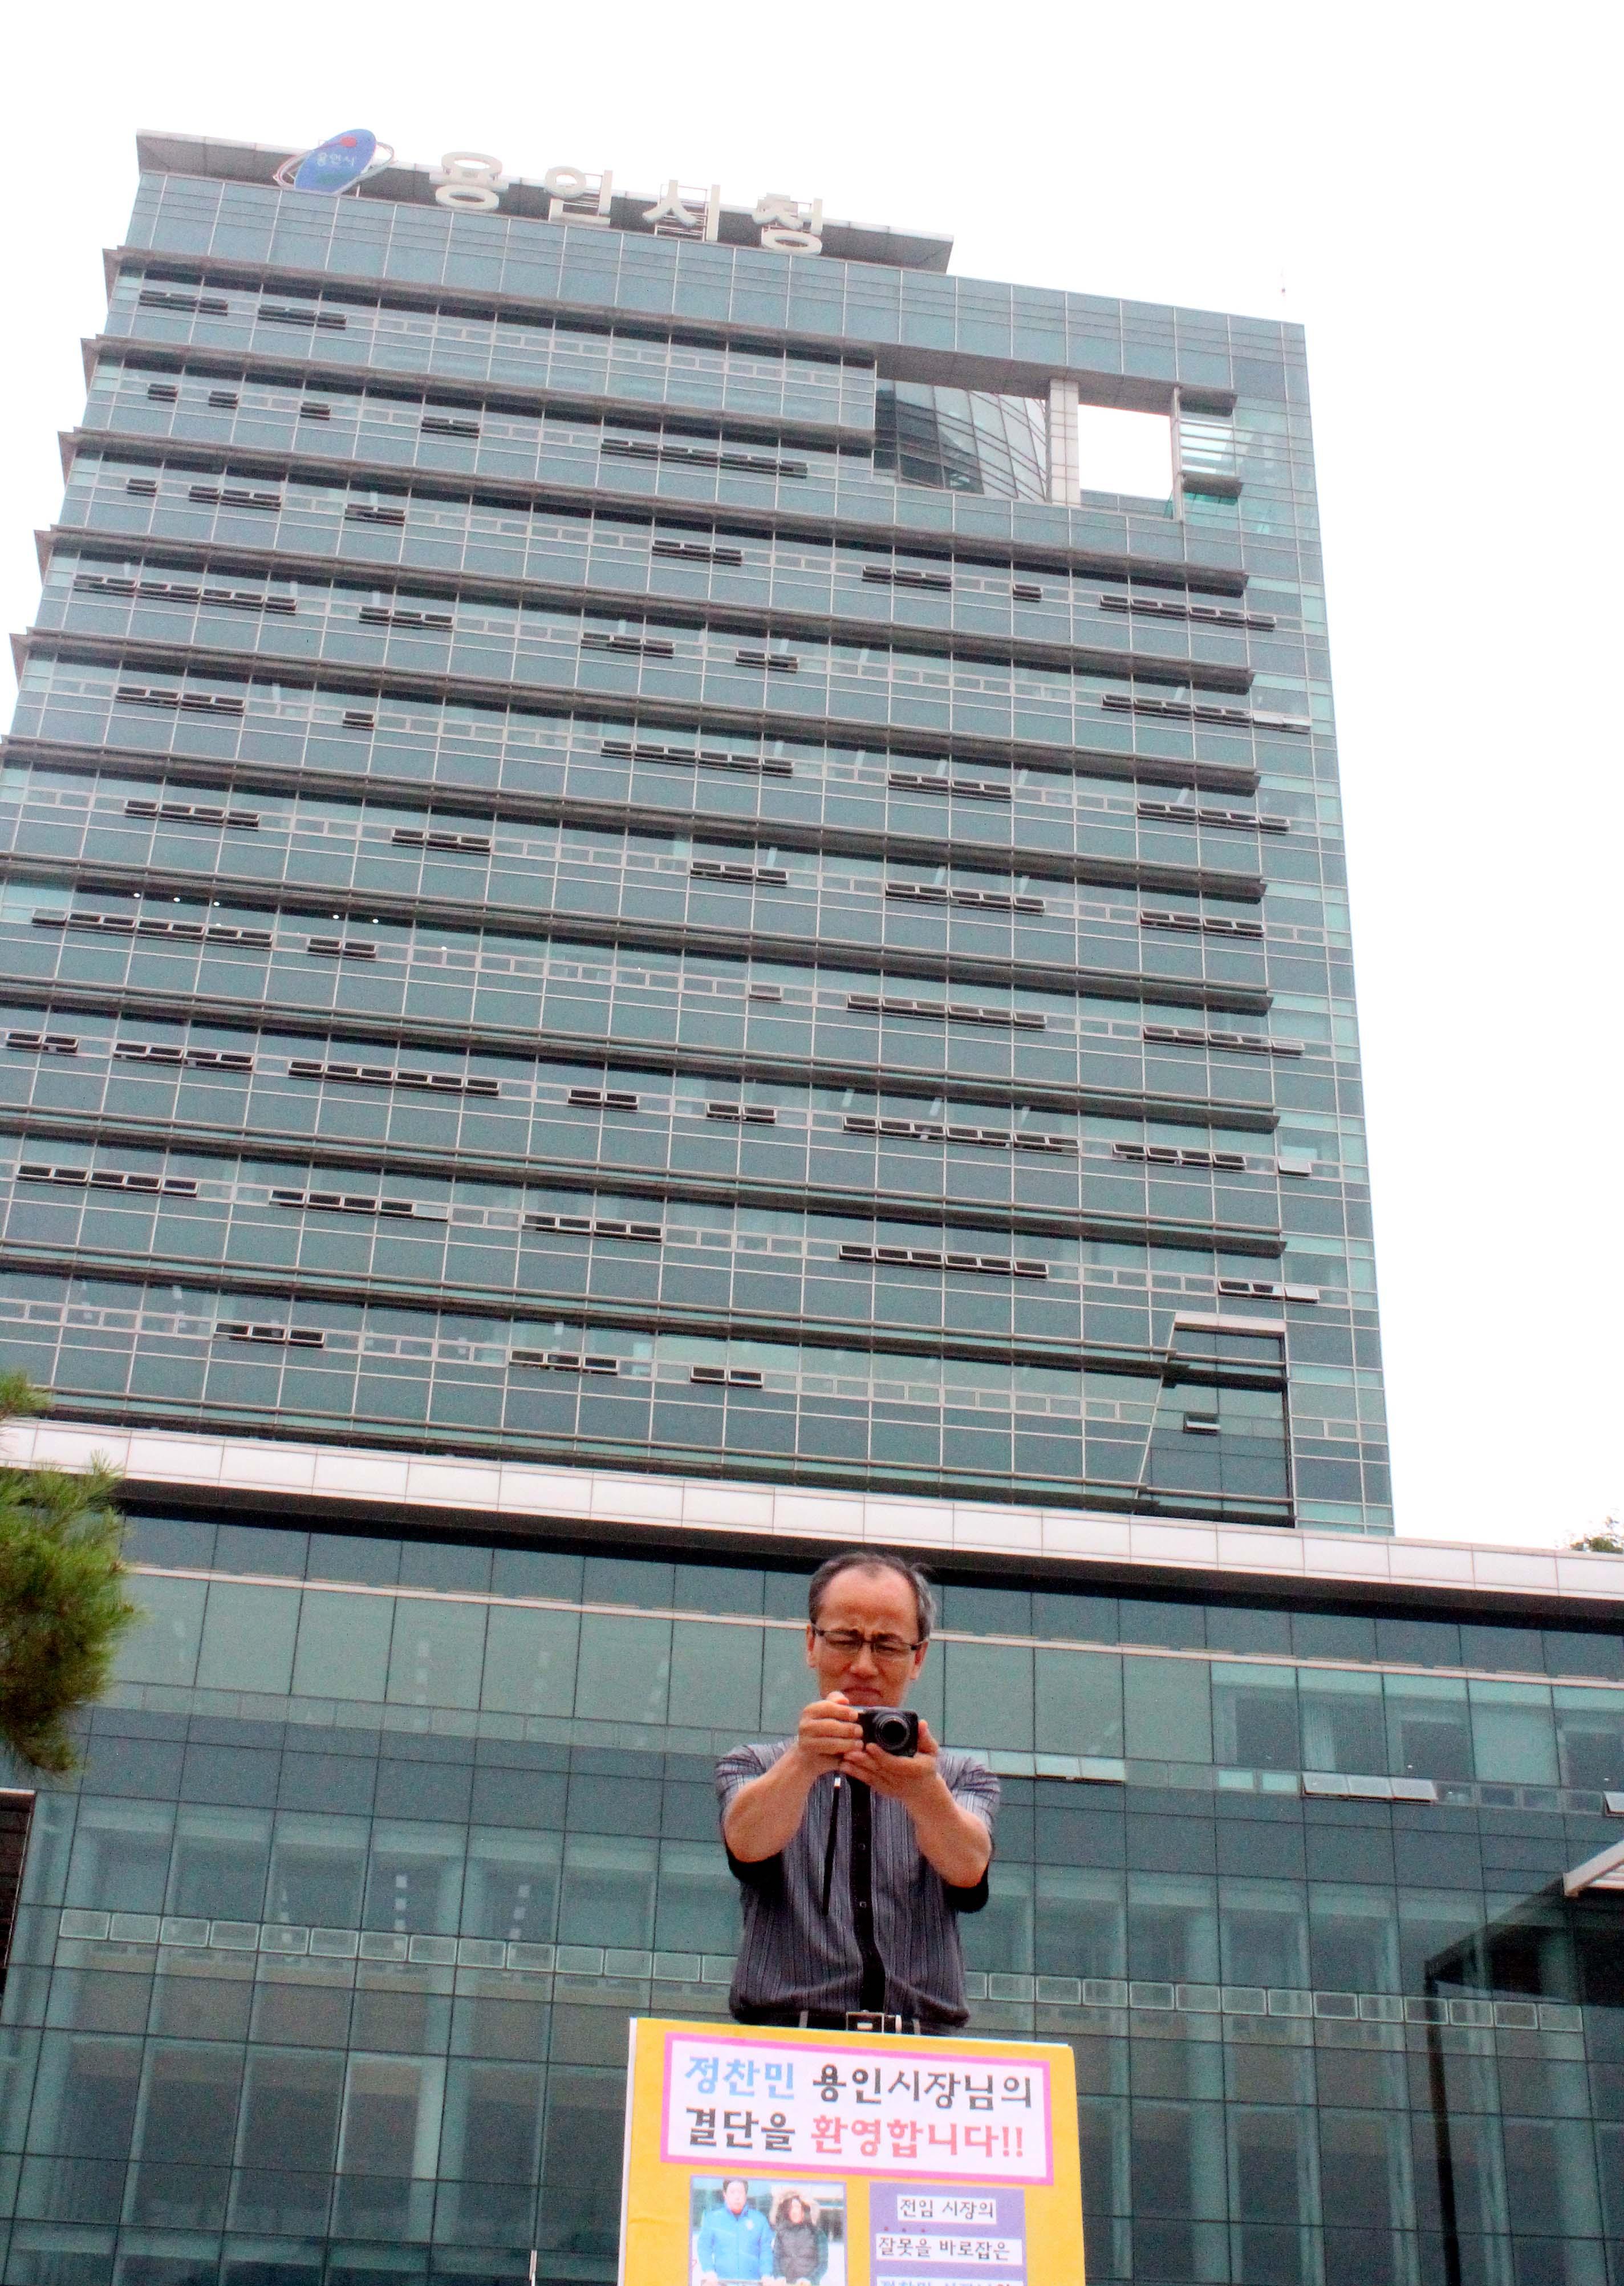 최병성 목사가 용인시청 앞에사 피켓팅을 하다가 사진을 찍고 있다.